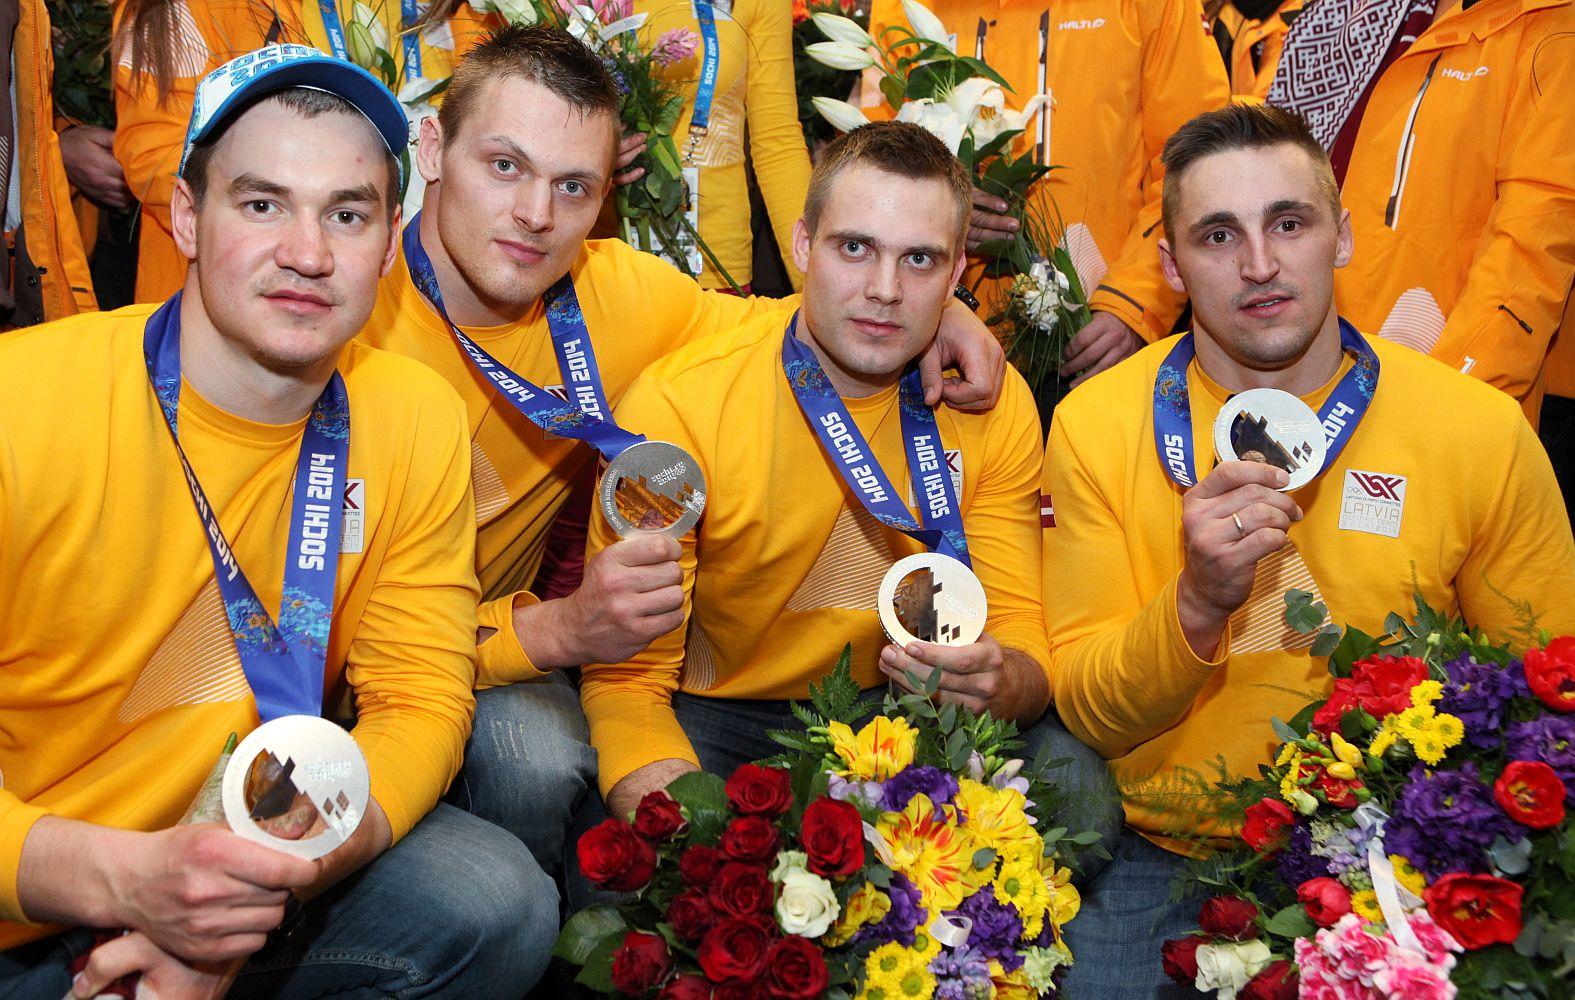 Четверо русских скелетонистов были отстранены от интернациональных состязаний